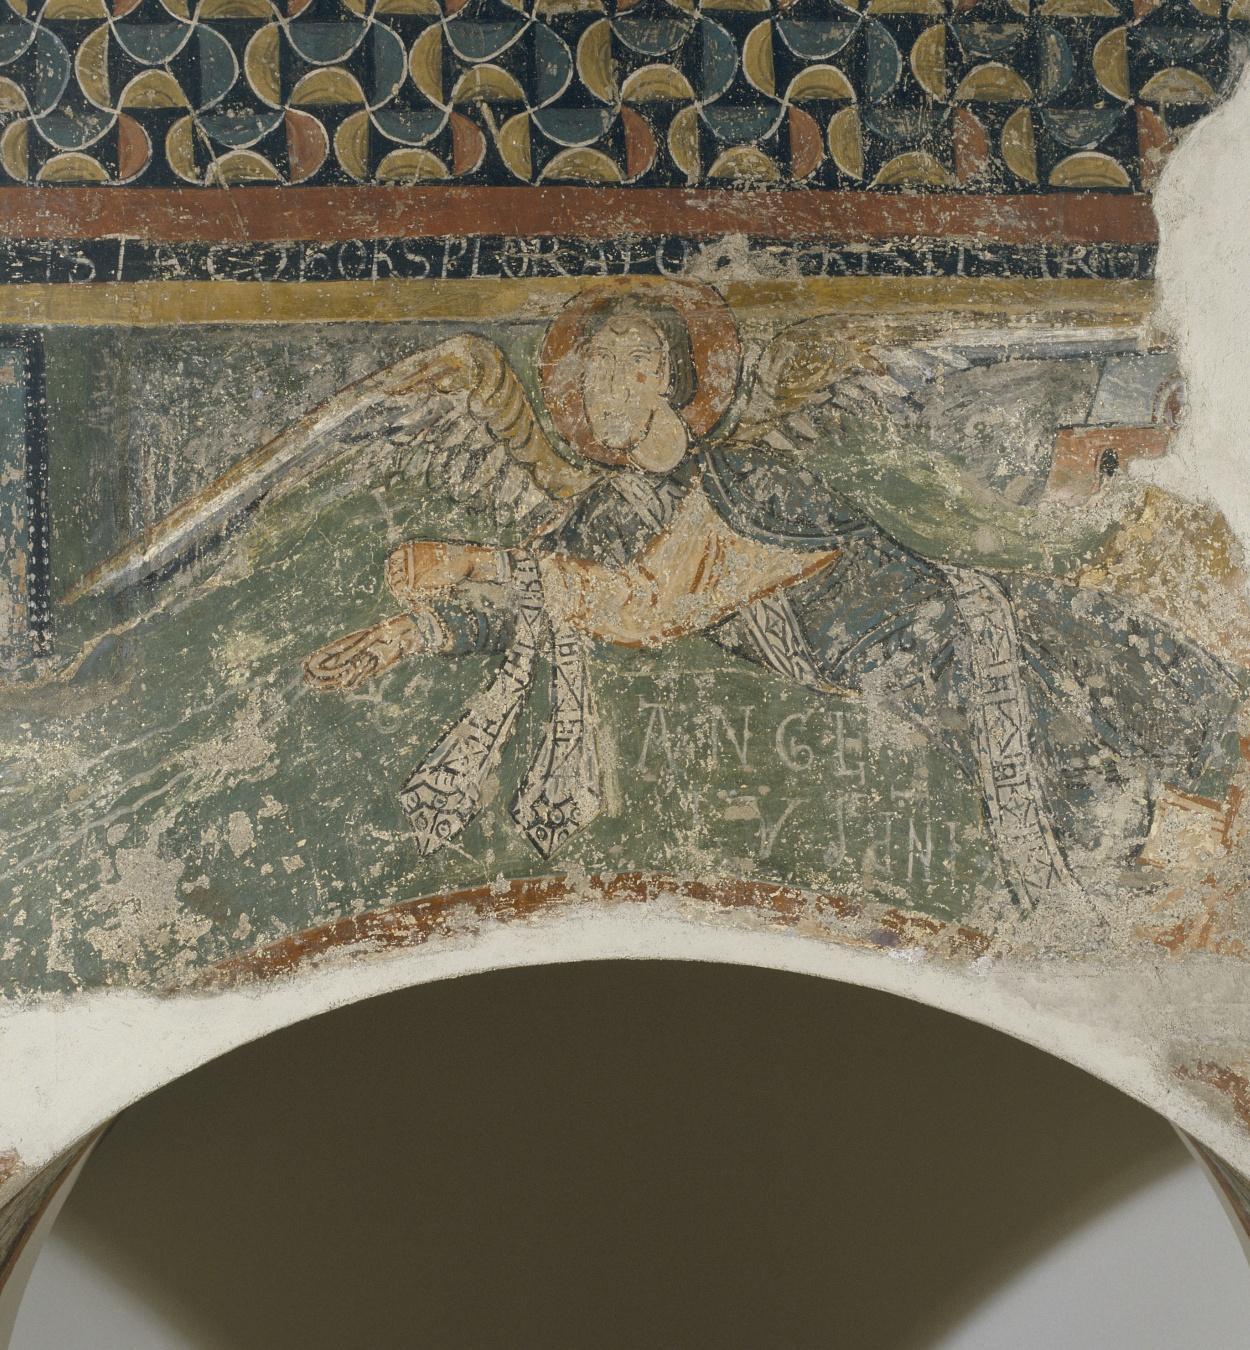 Mestre de Sorpe - Anunciació, Naixement i Crucifixió de Sorpe - Mitjan segle XII [6]